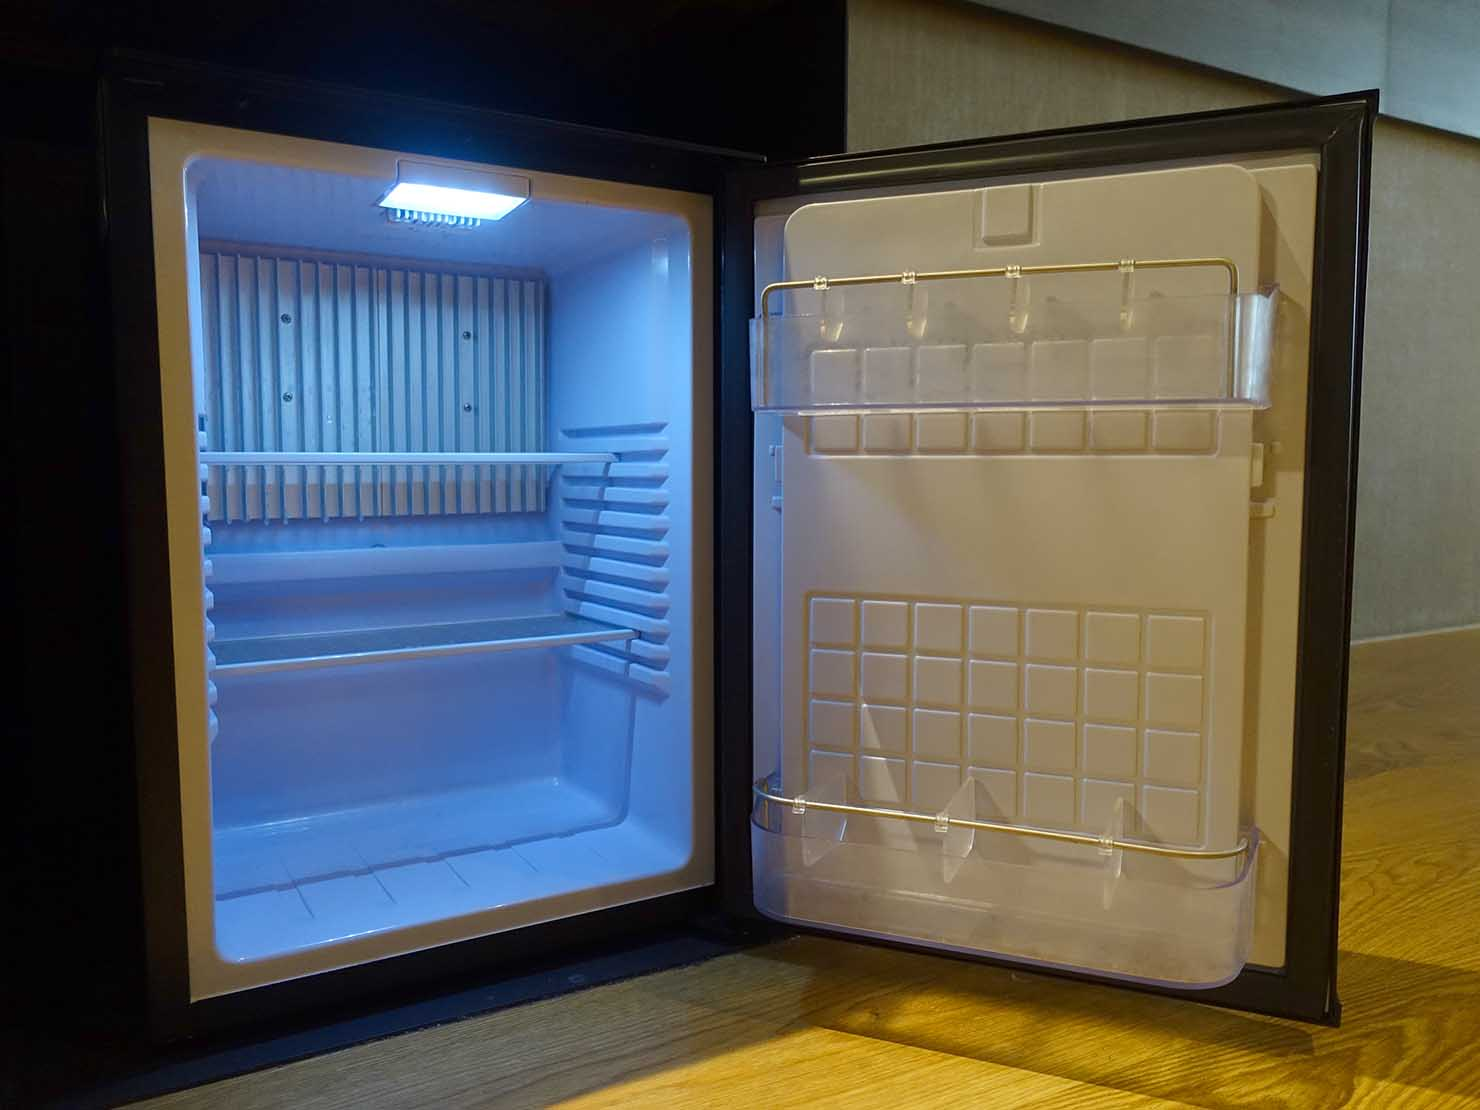 嘉義のおすすめホテル「嘉義觀止」觀止商務房(ツインルーム)の冷蔵庫